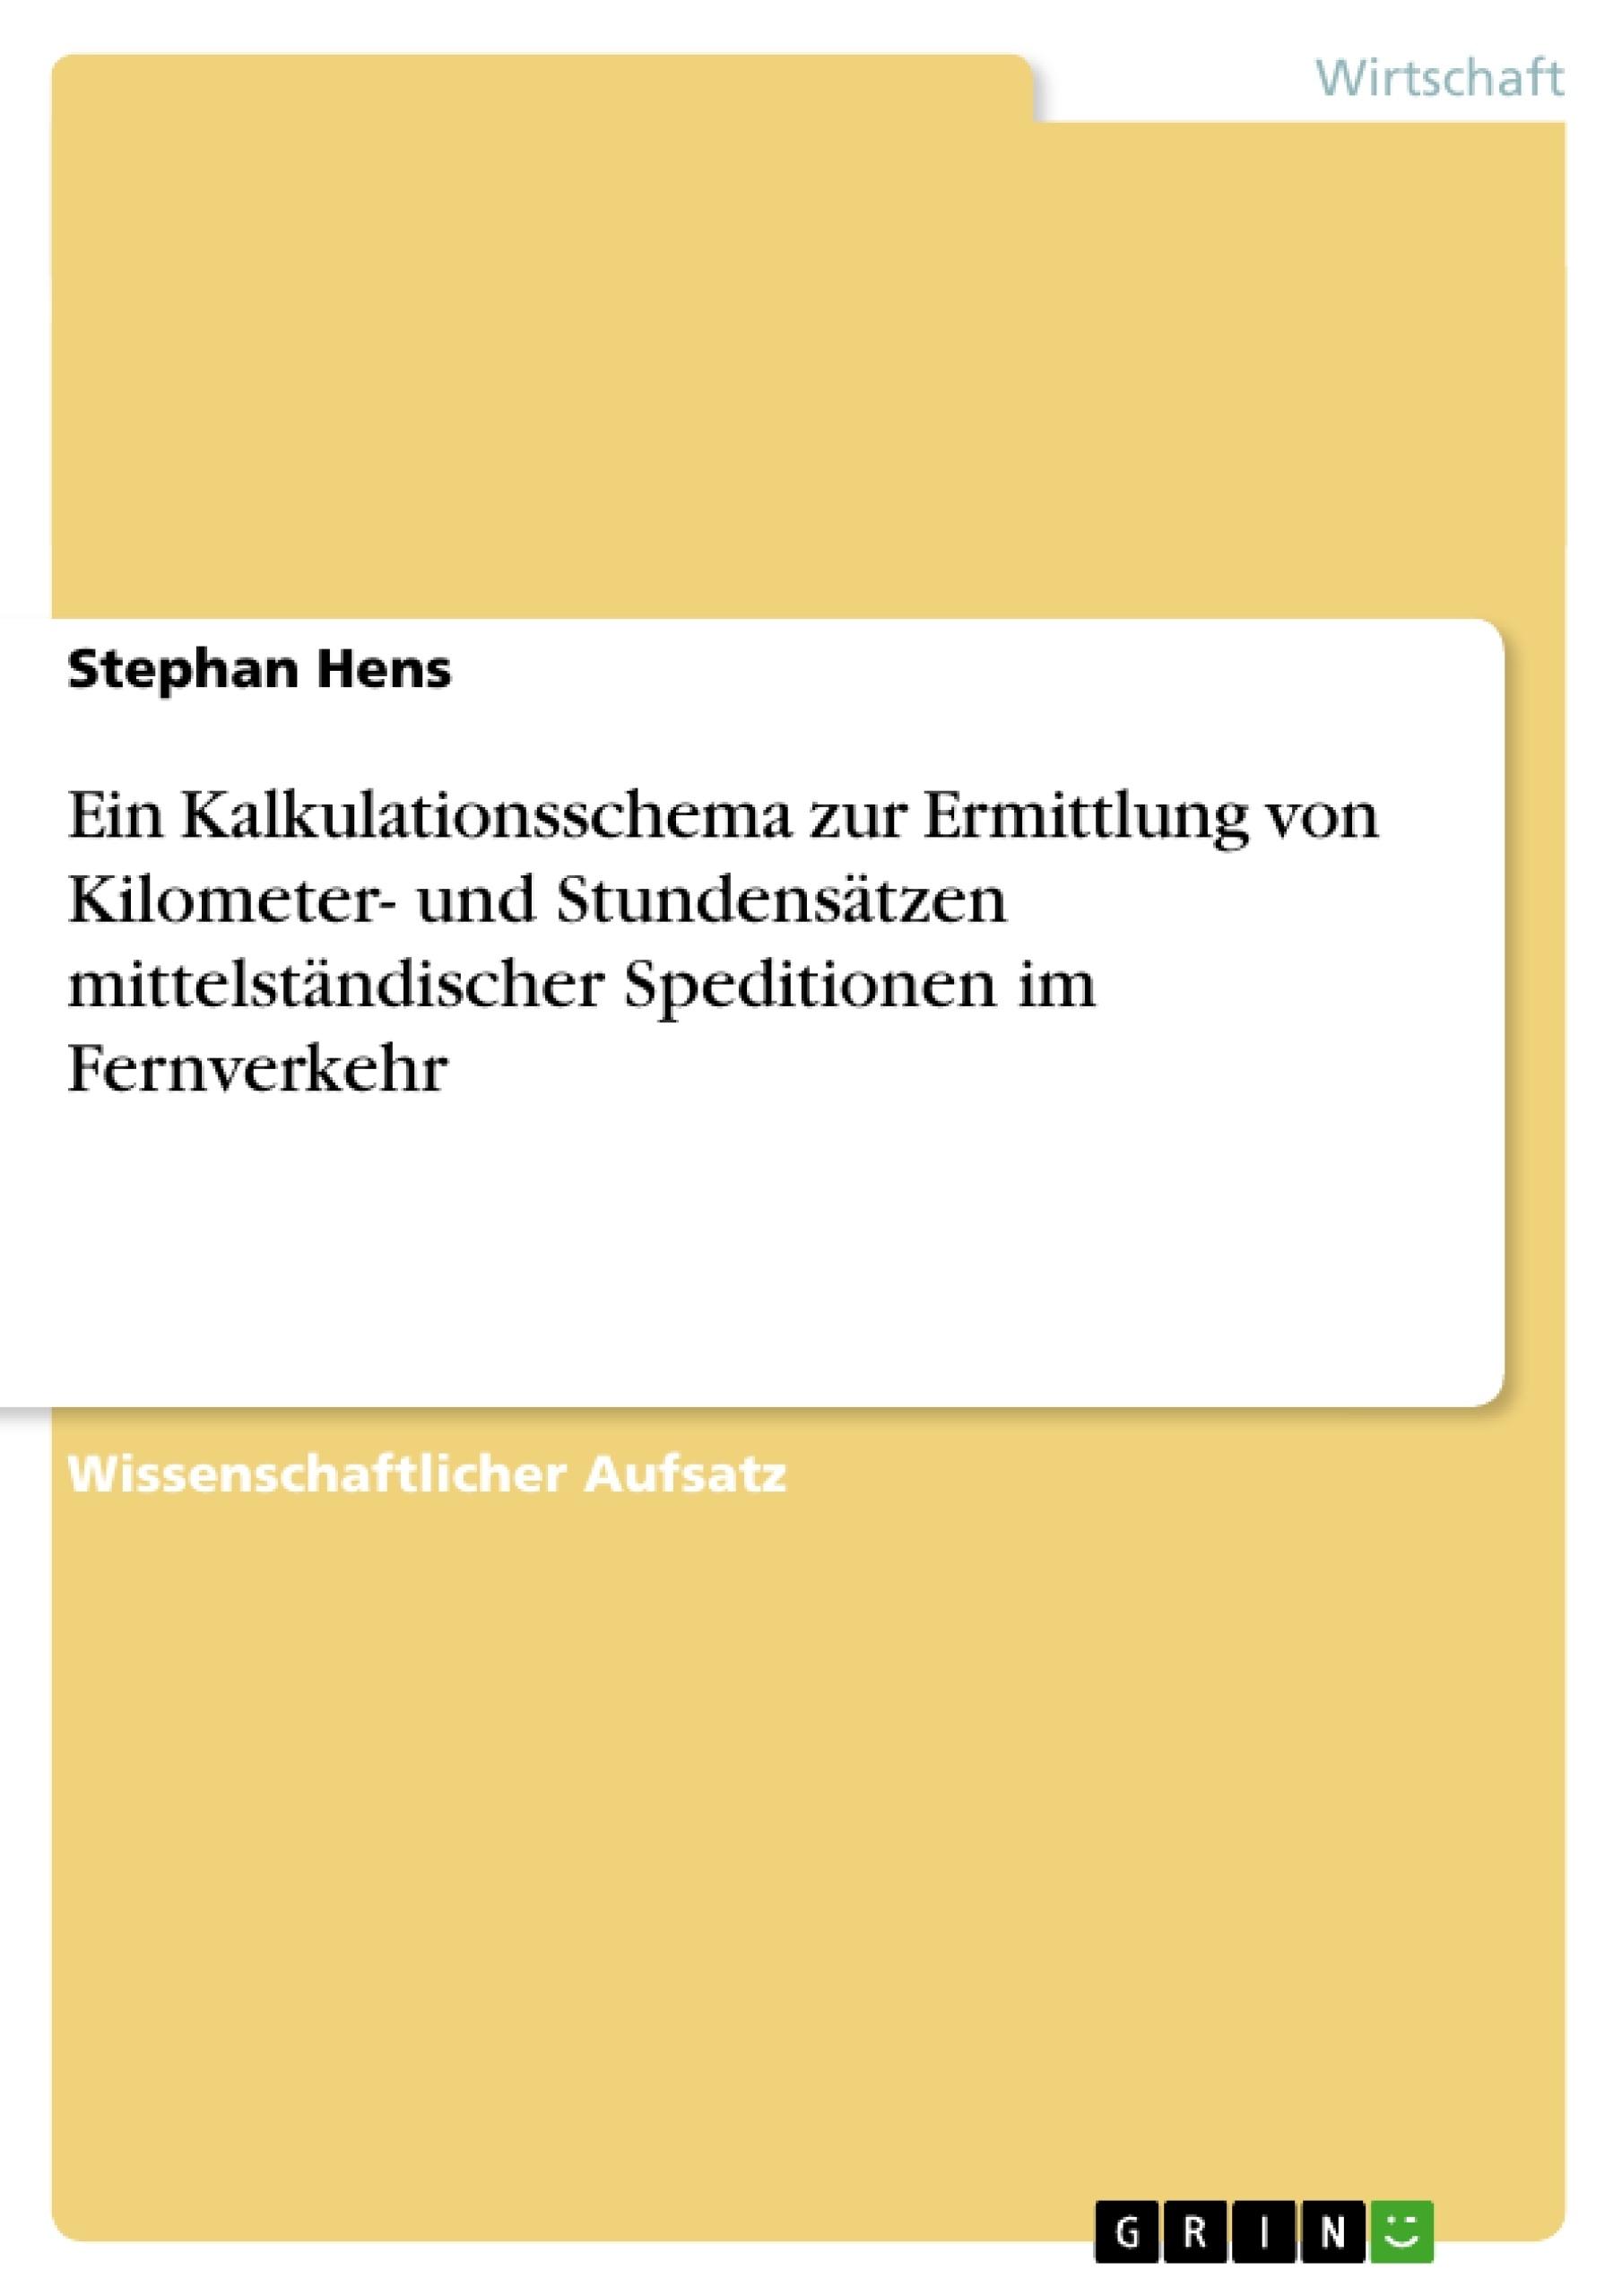 Titel: Ein Kalkulationsschema zur Ermittlung von Kilometer- und Stundensätzen mittelständischer Speditionen im Fernverkehr